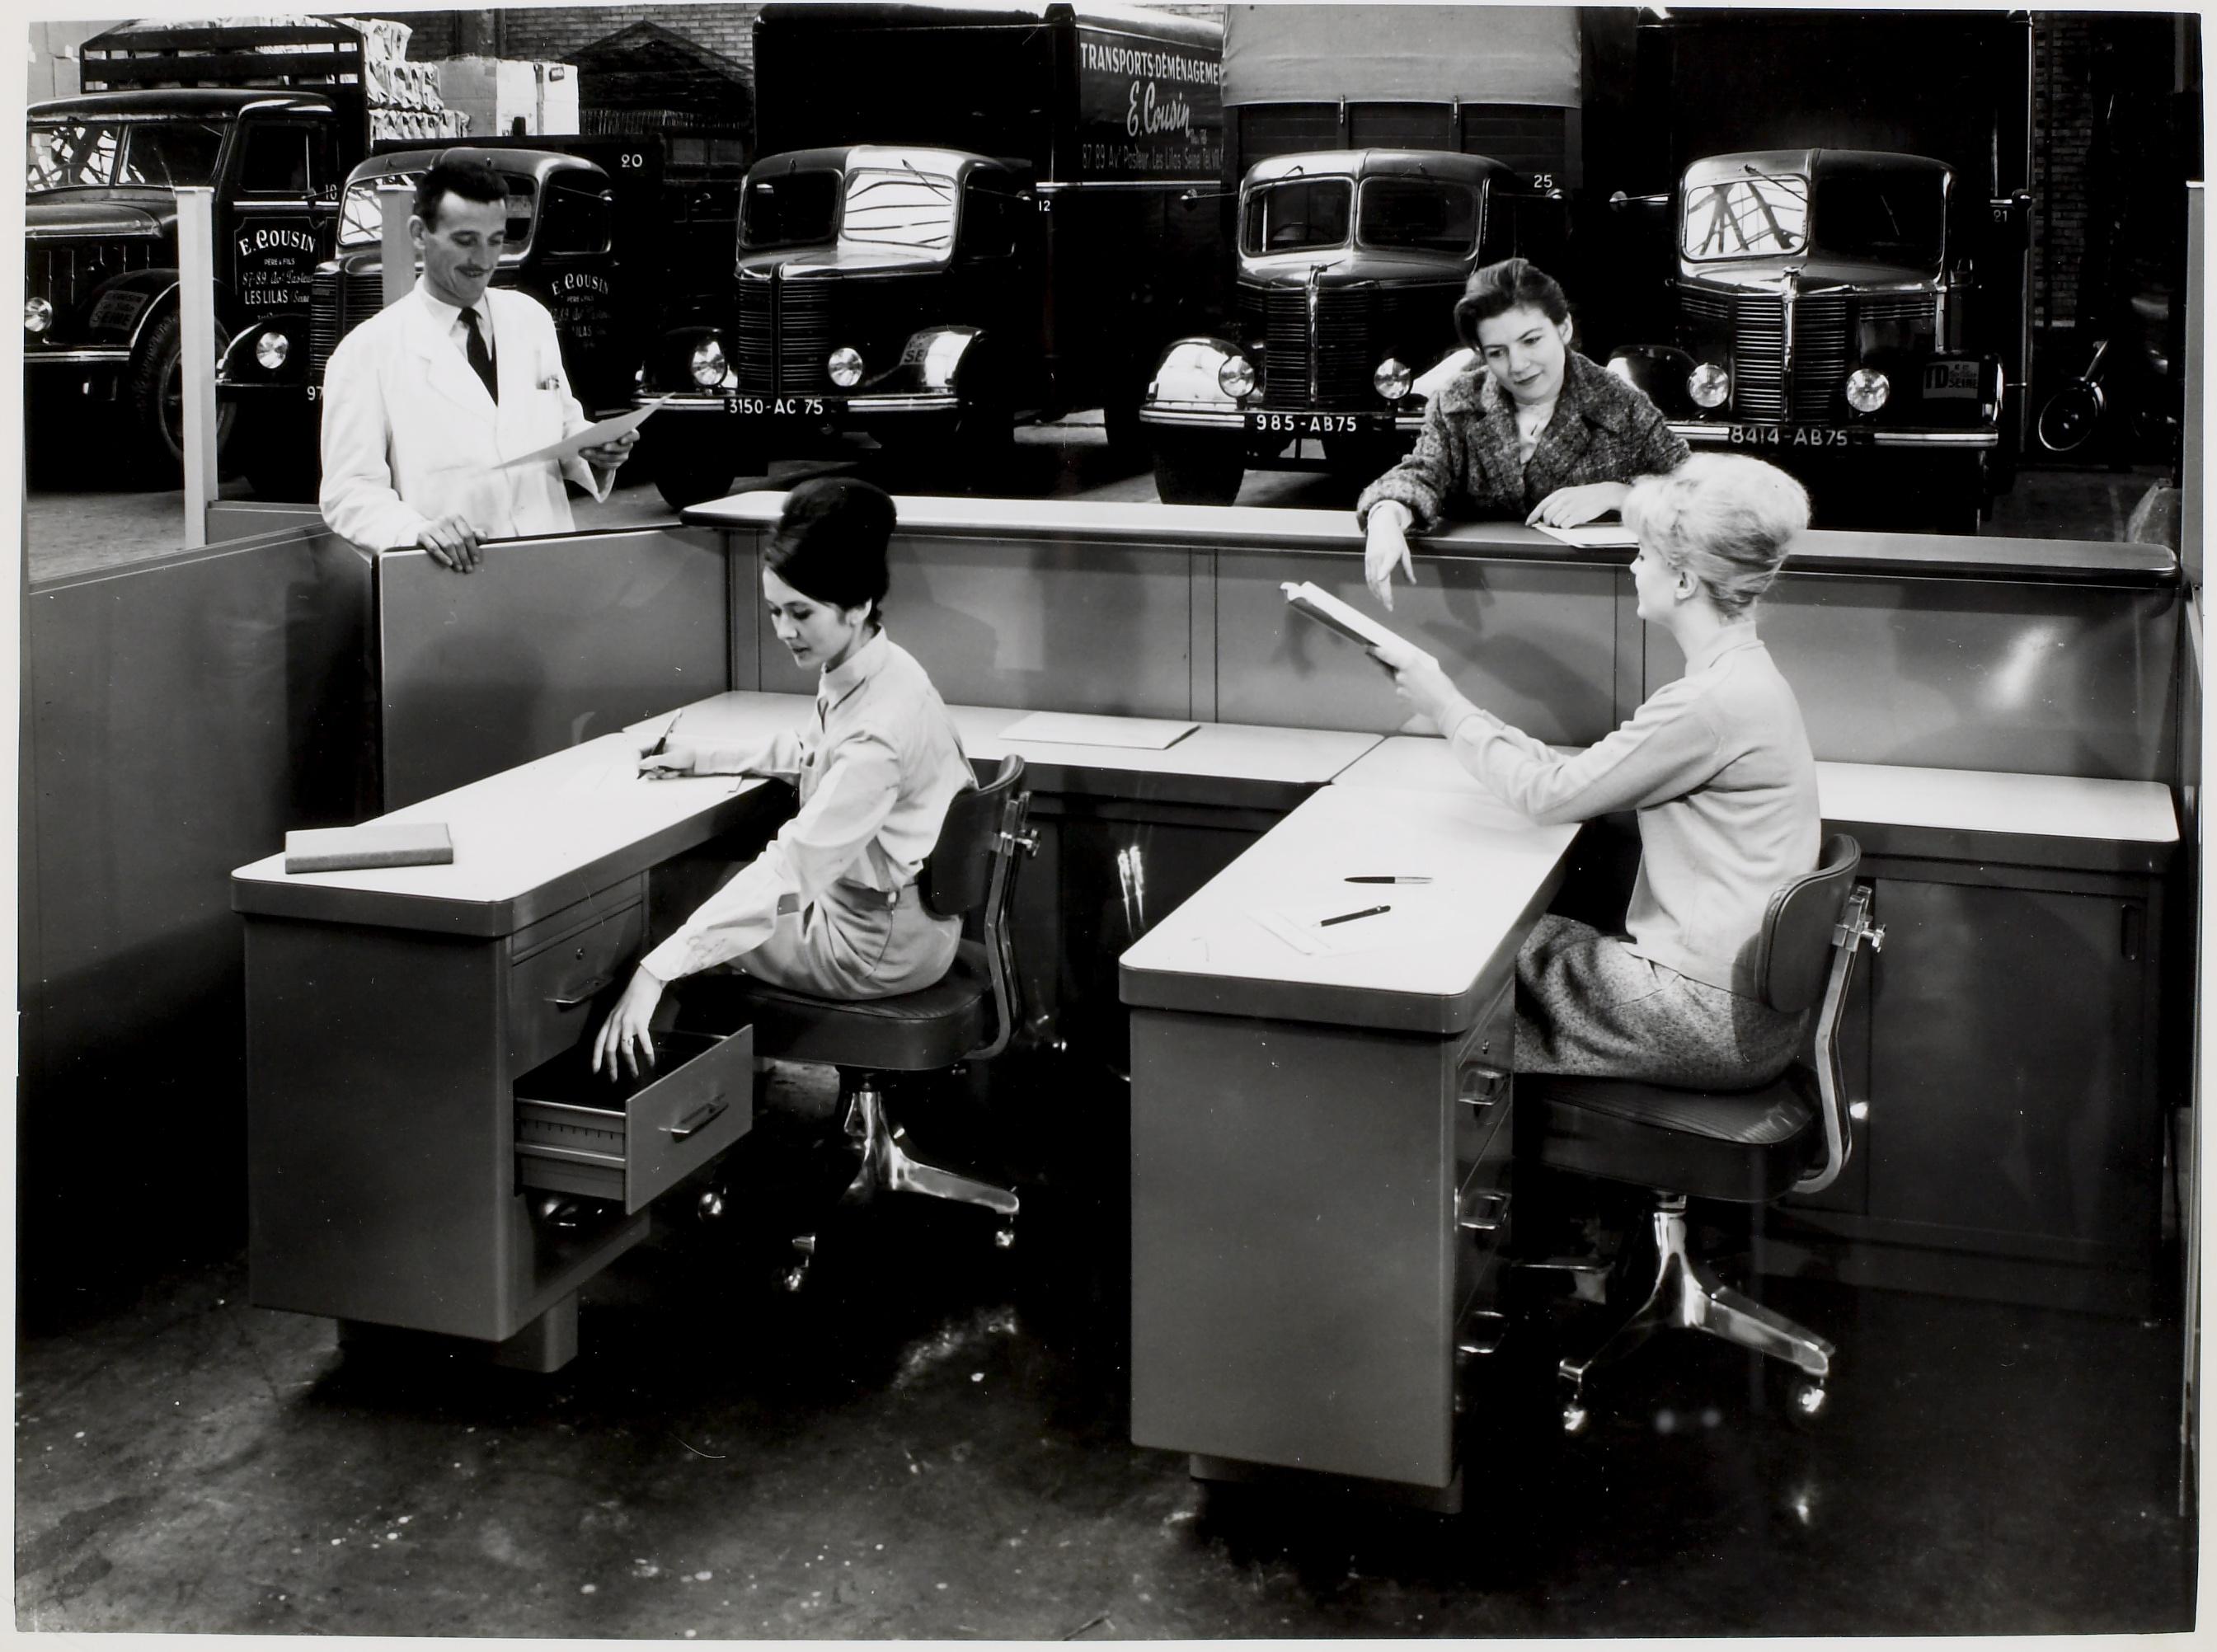 Publicité pour mobilier de bureau : tirage photographique, date & lieu inconnus.